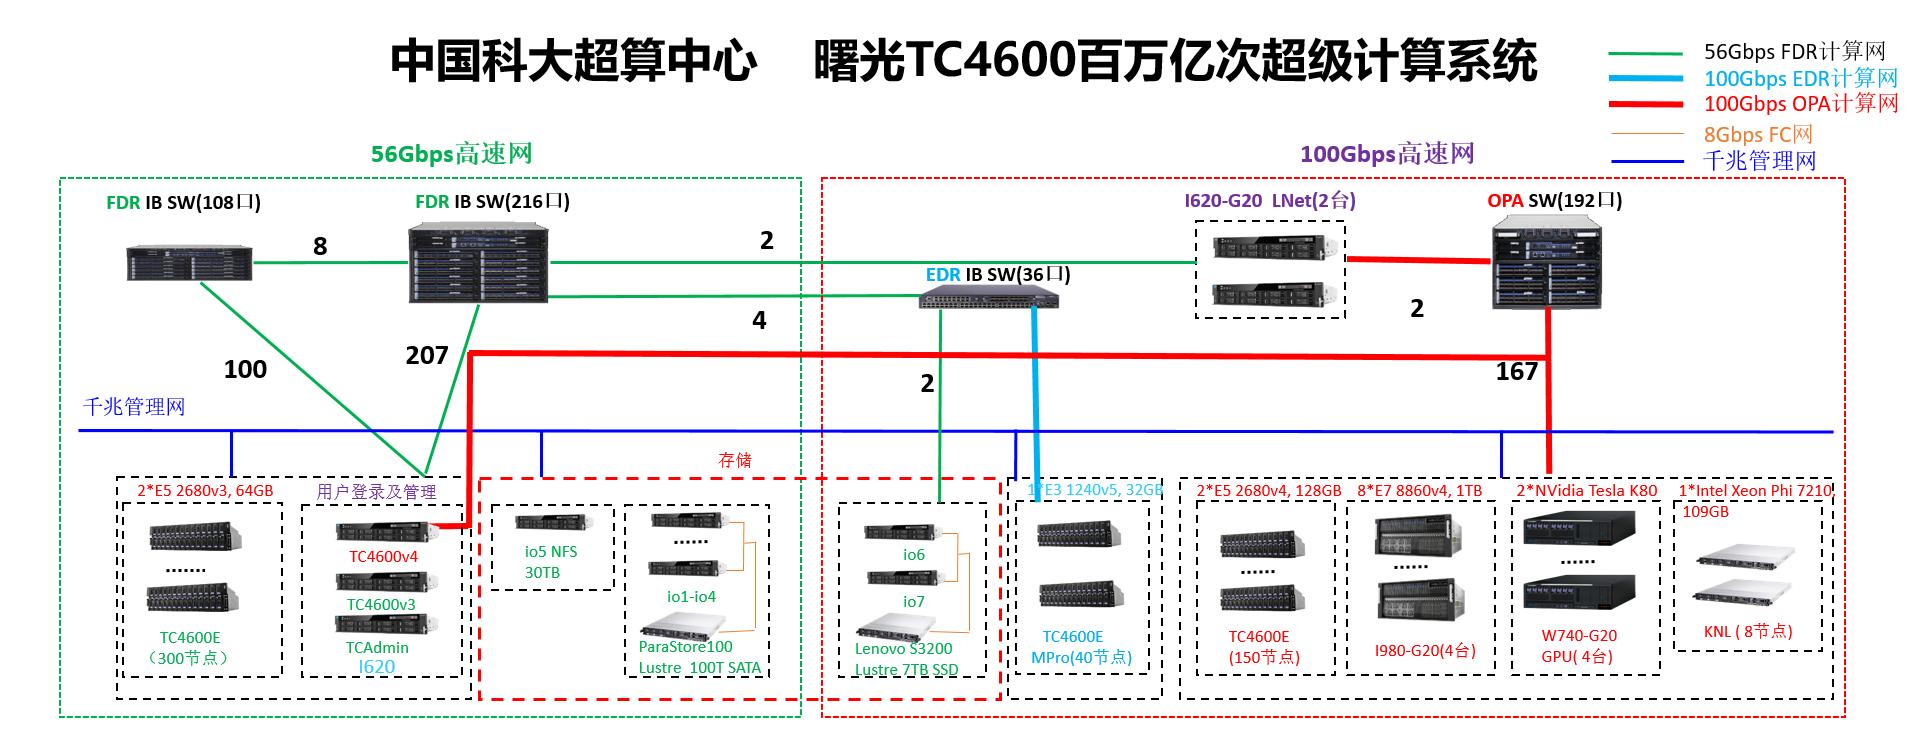 曙光TC4600百万亿次超级计算系统拓扑